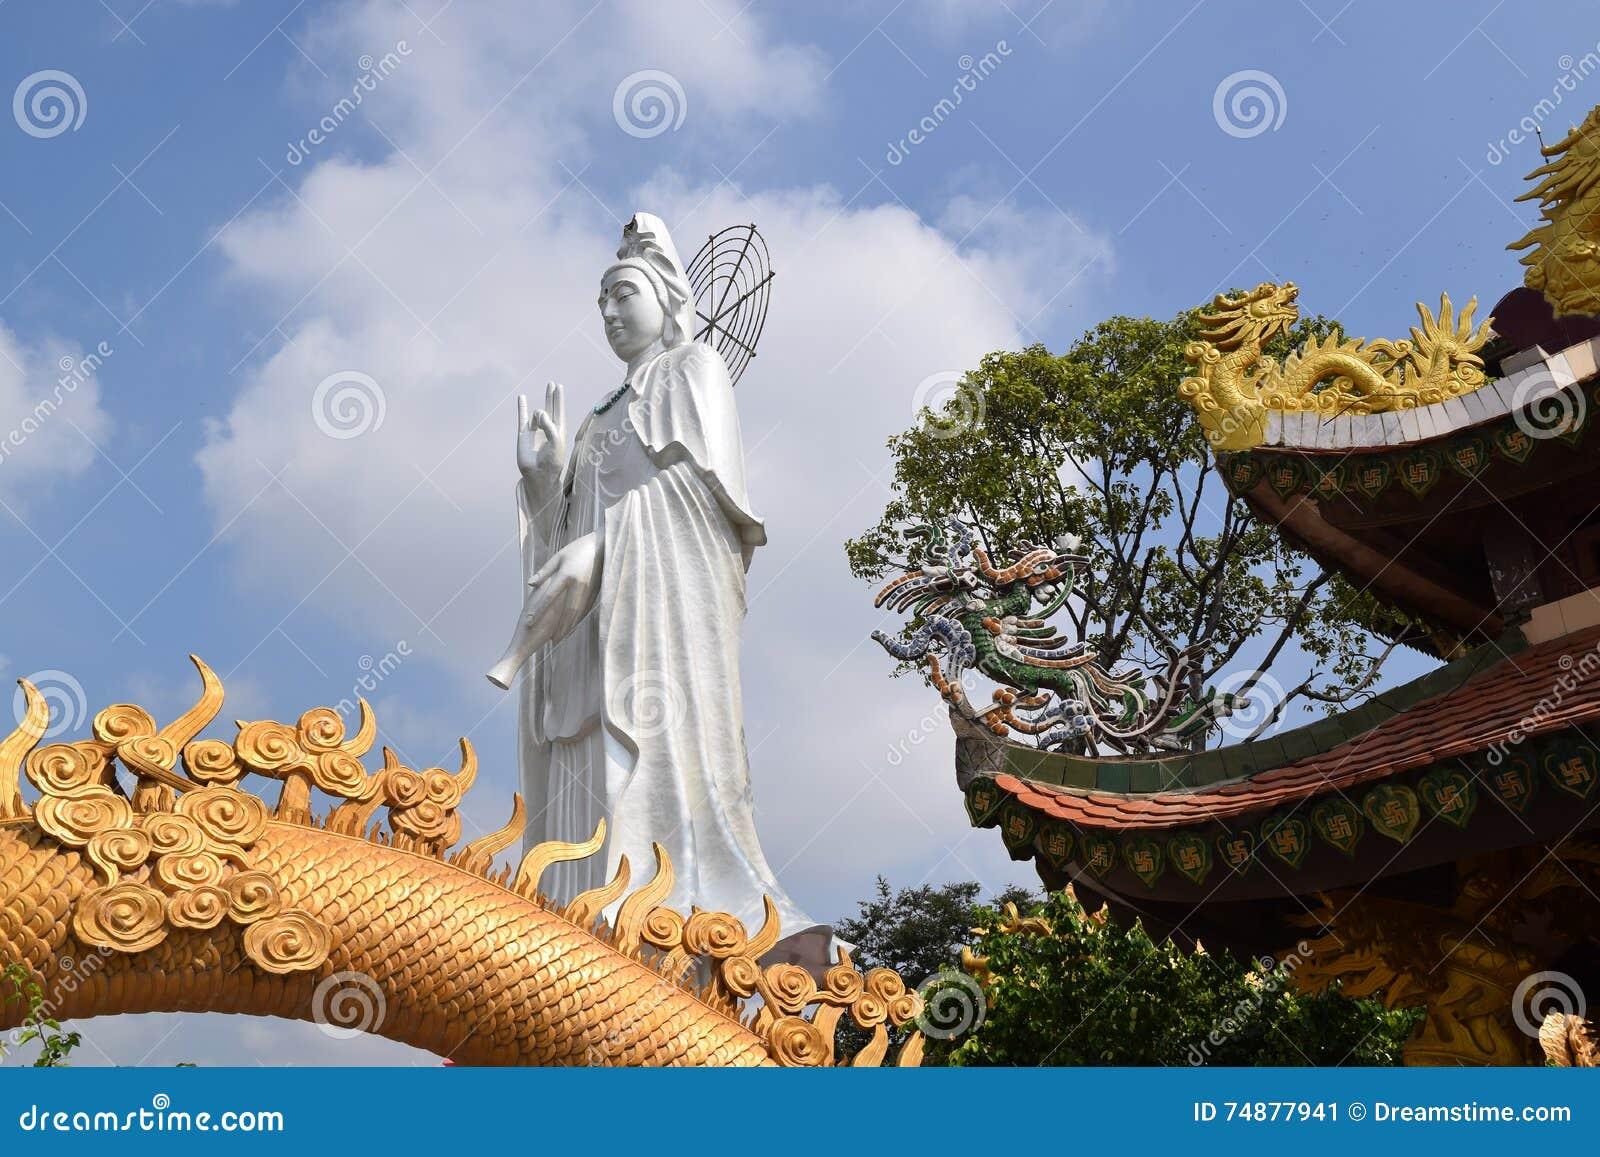 Grande statue de Bodhisattva au temple bouddhiste de Chau Thoi, Vietnam